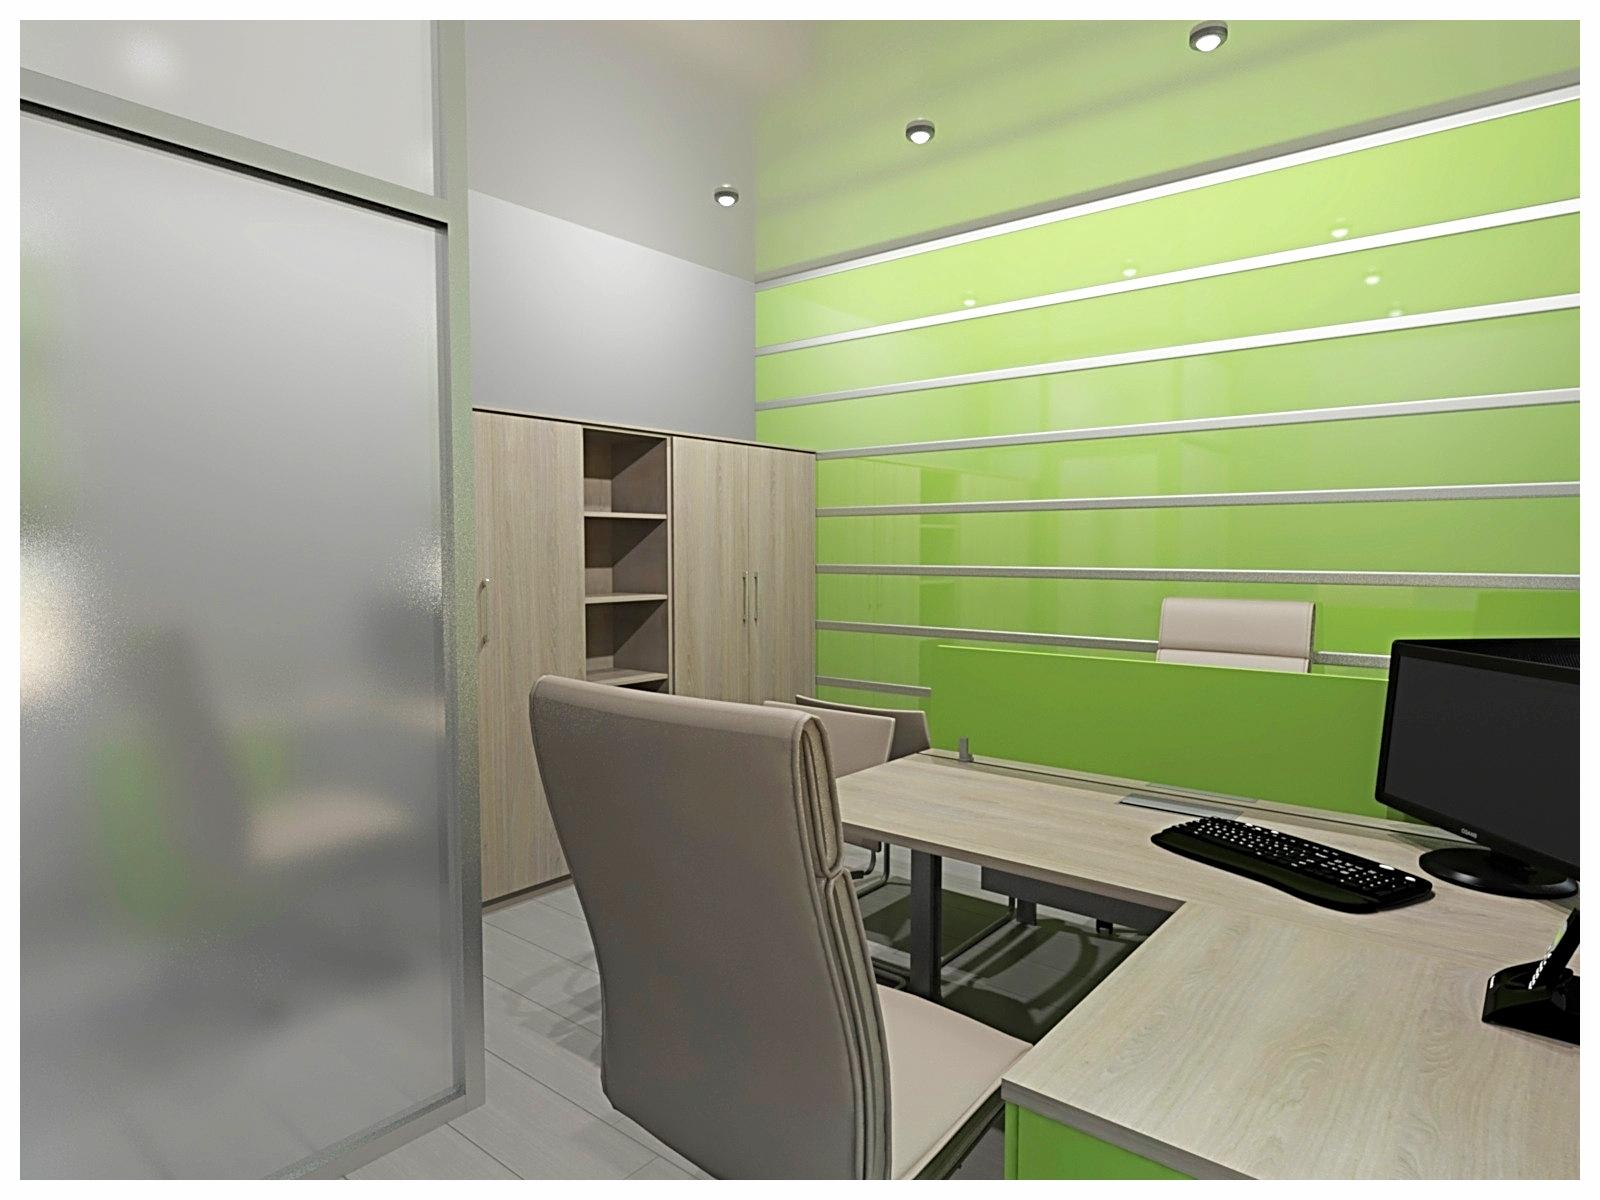 Дизайн интерьеров офиса. Кабинет операционистов 1.